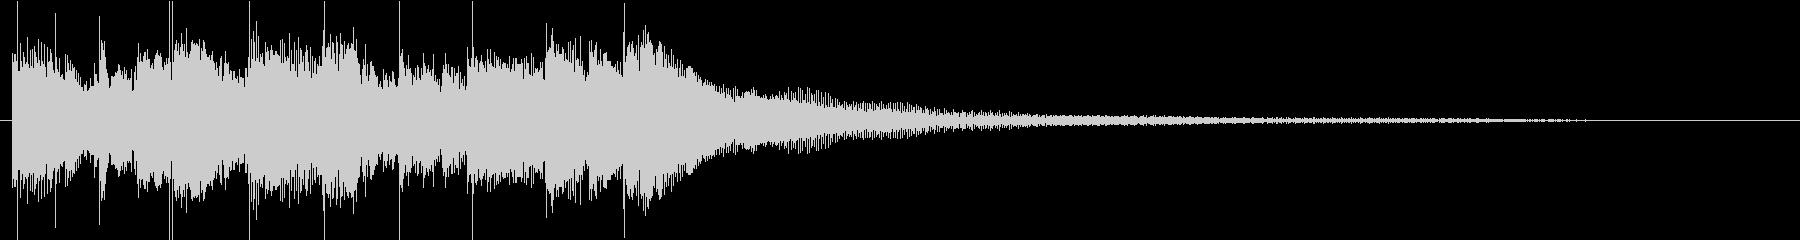 民族的な雰囲気のミステリアスなBGMの未再生の波形